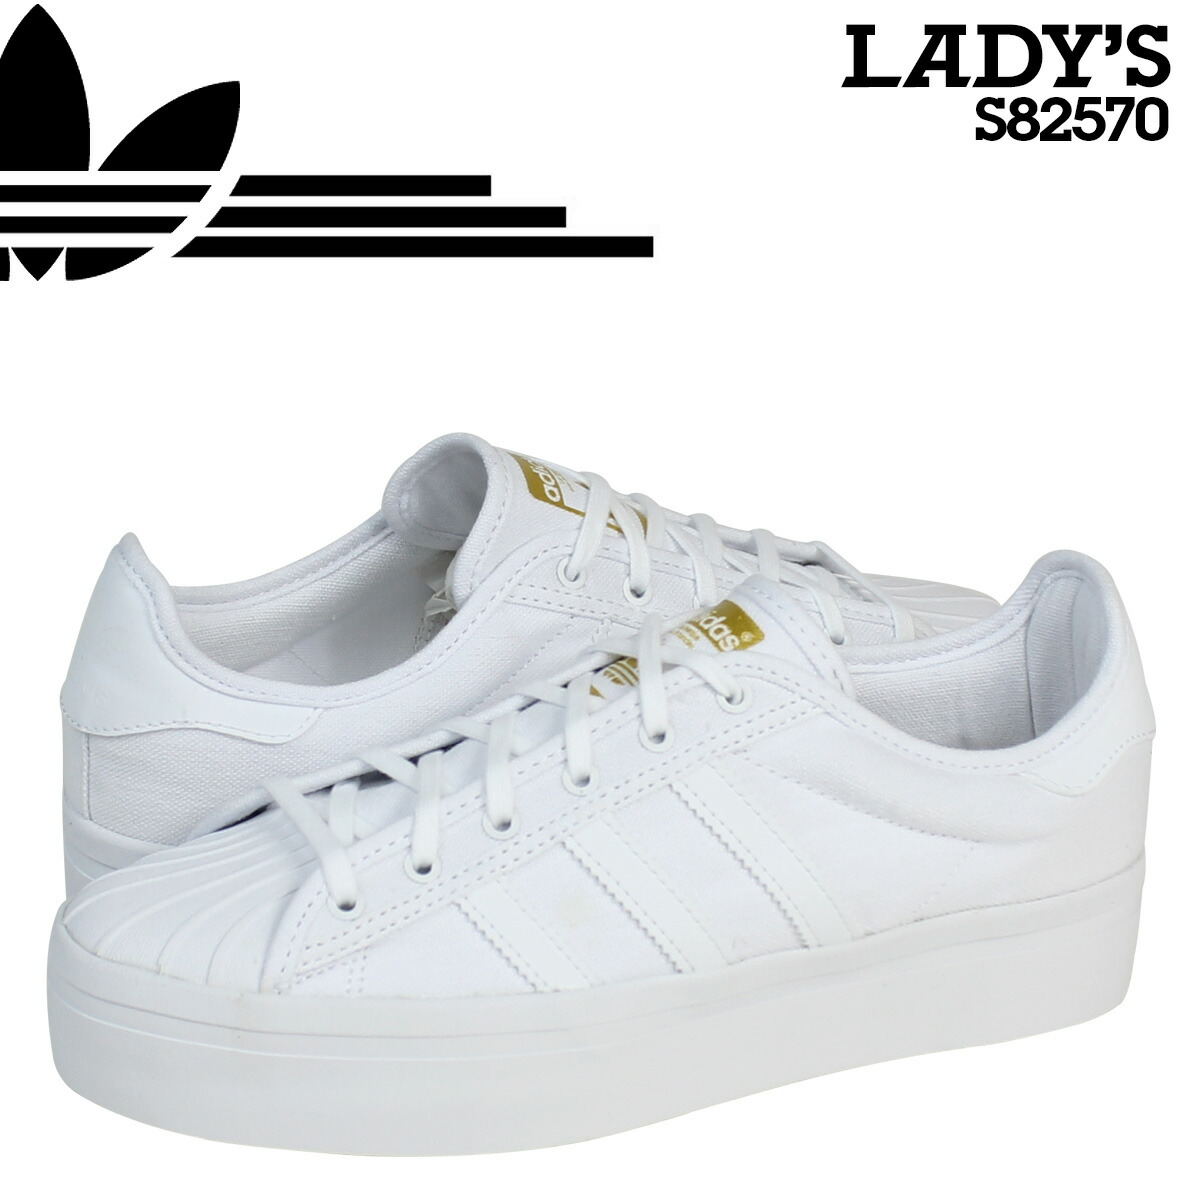 adidas scarpe superstar rize